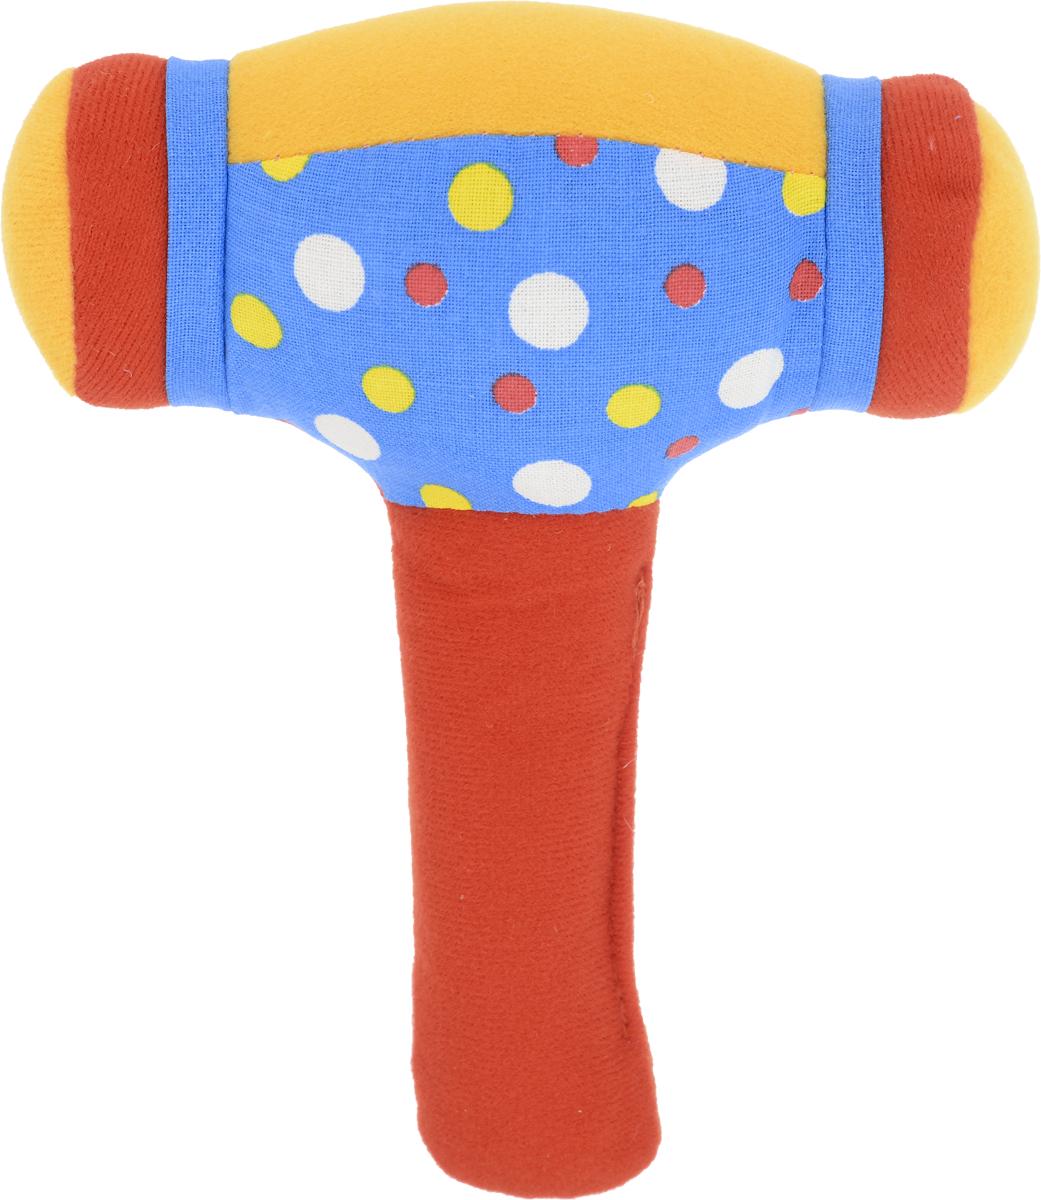 Мякиши Погремушка Молоточек цвет красный синий игрушка погремушка мякиши медвежонок колечко